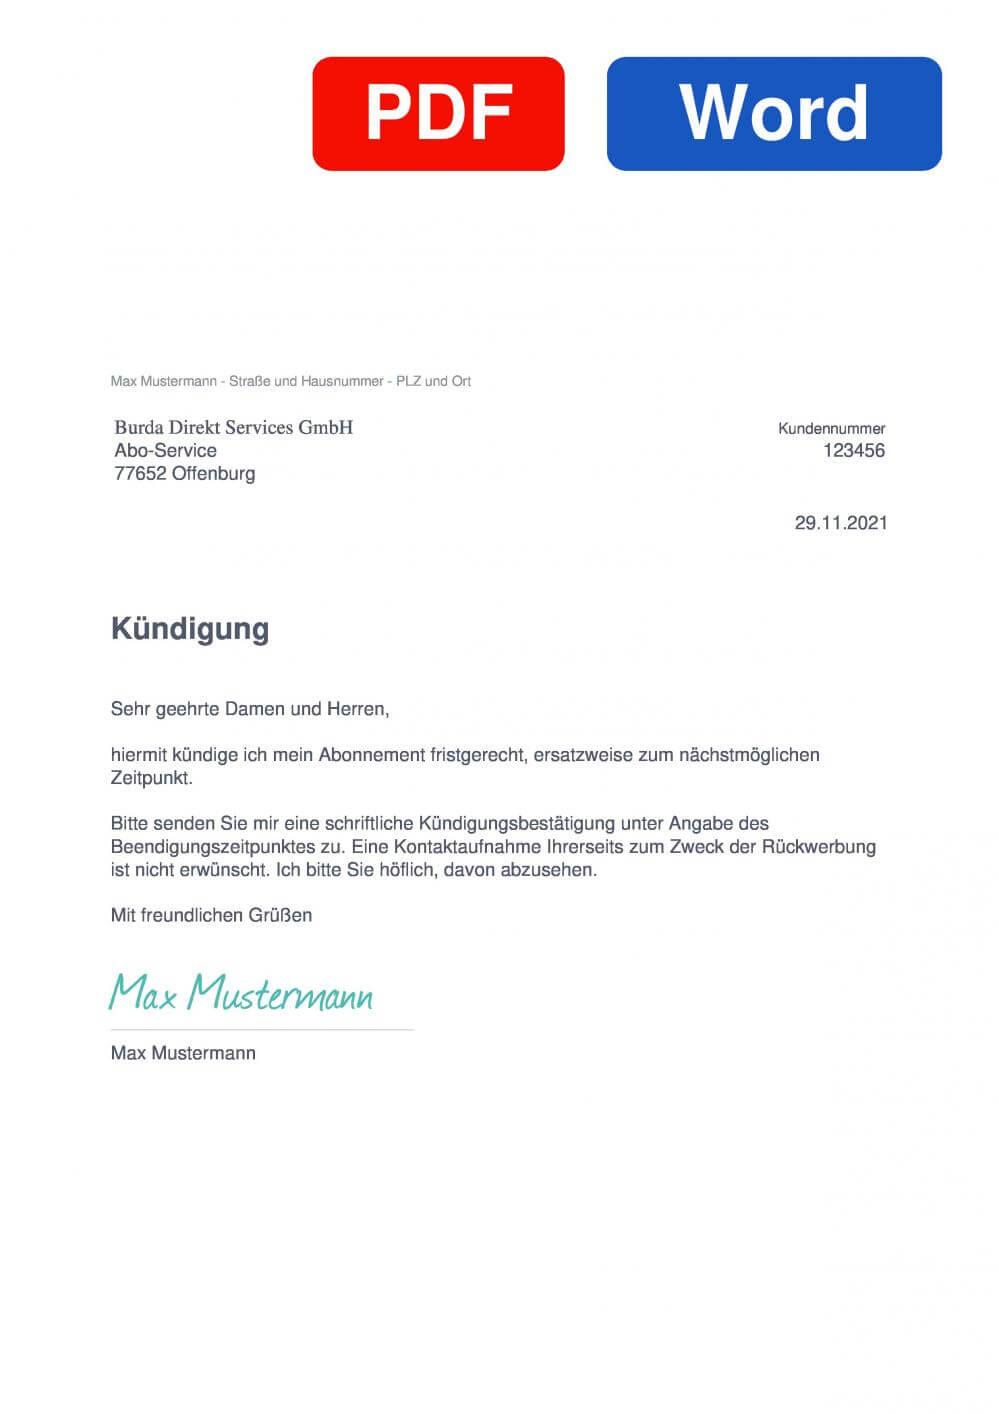 Neue Verlagsgesellschaft Muster Vorlage für Kündigungsschreiben